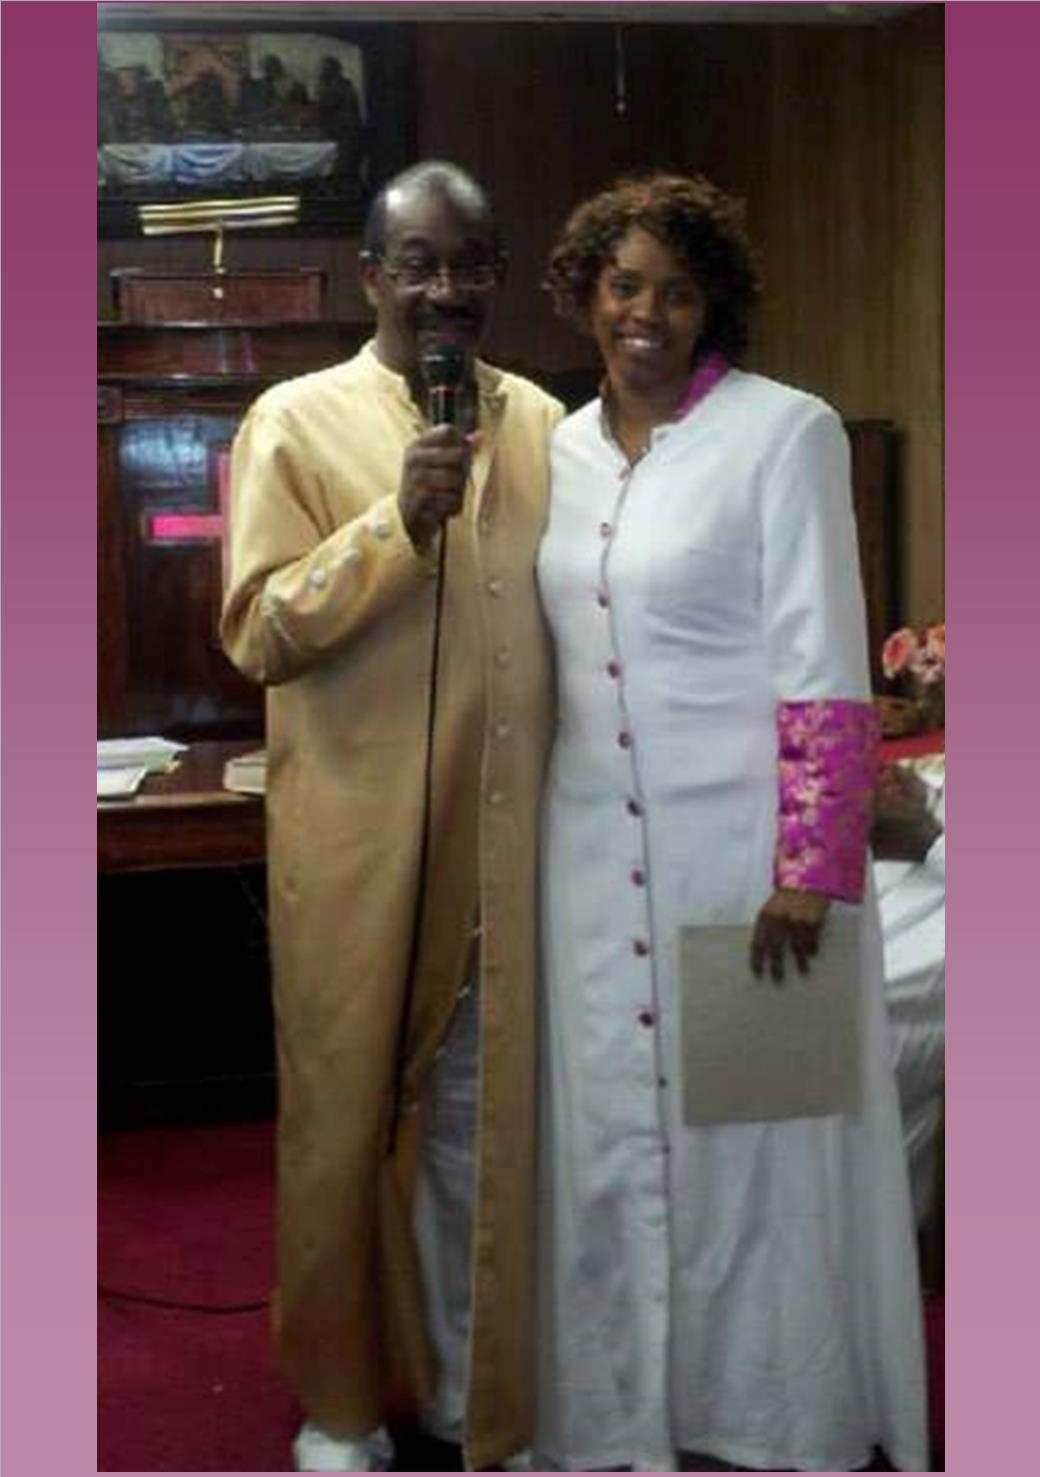 Apostle Stephen Amacker & Evangelist/Elder Cheryl Y. Howard